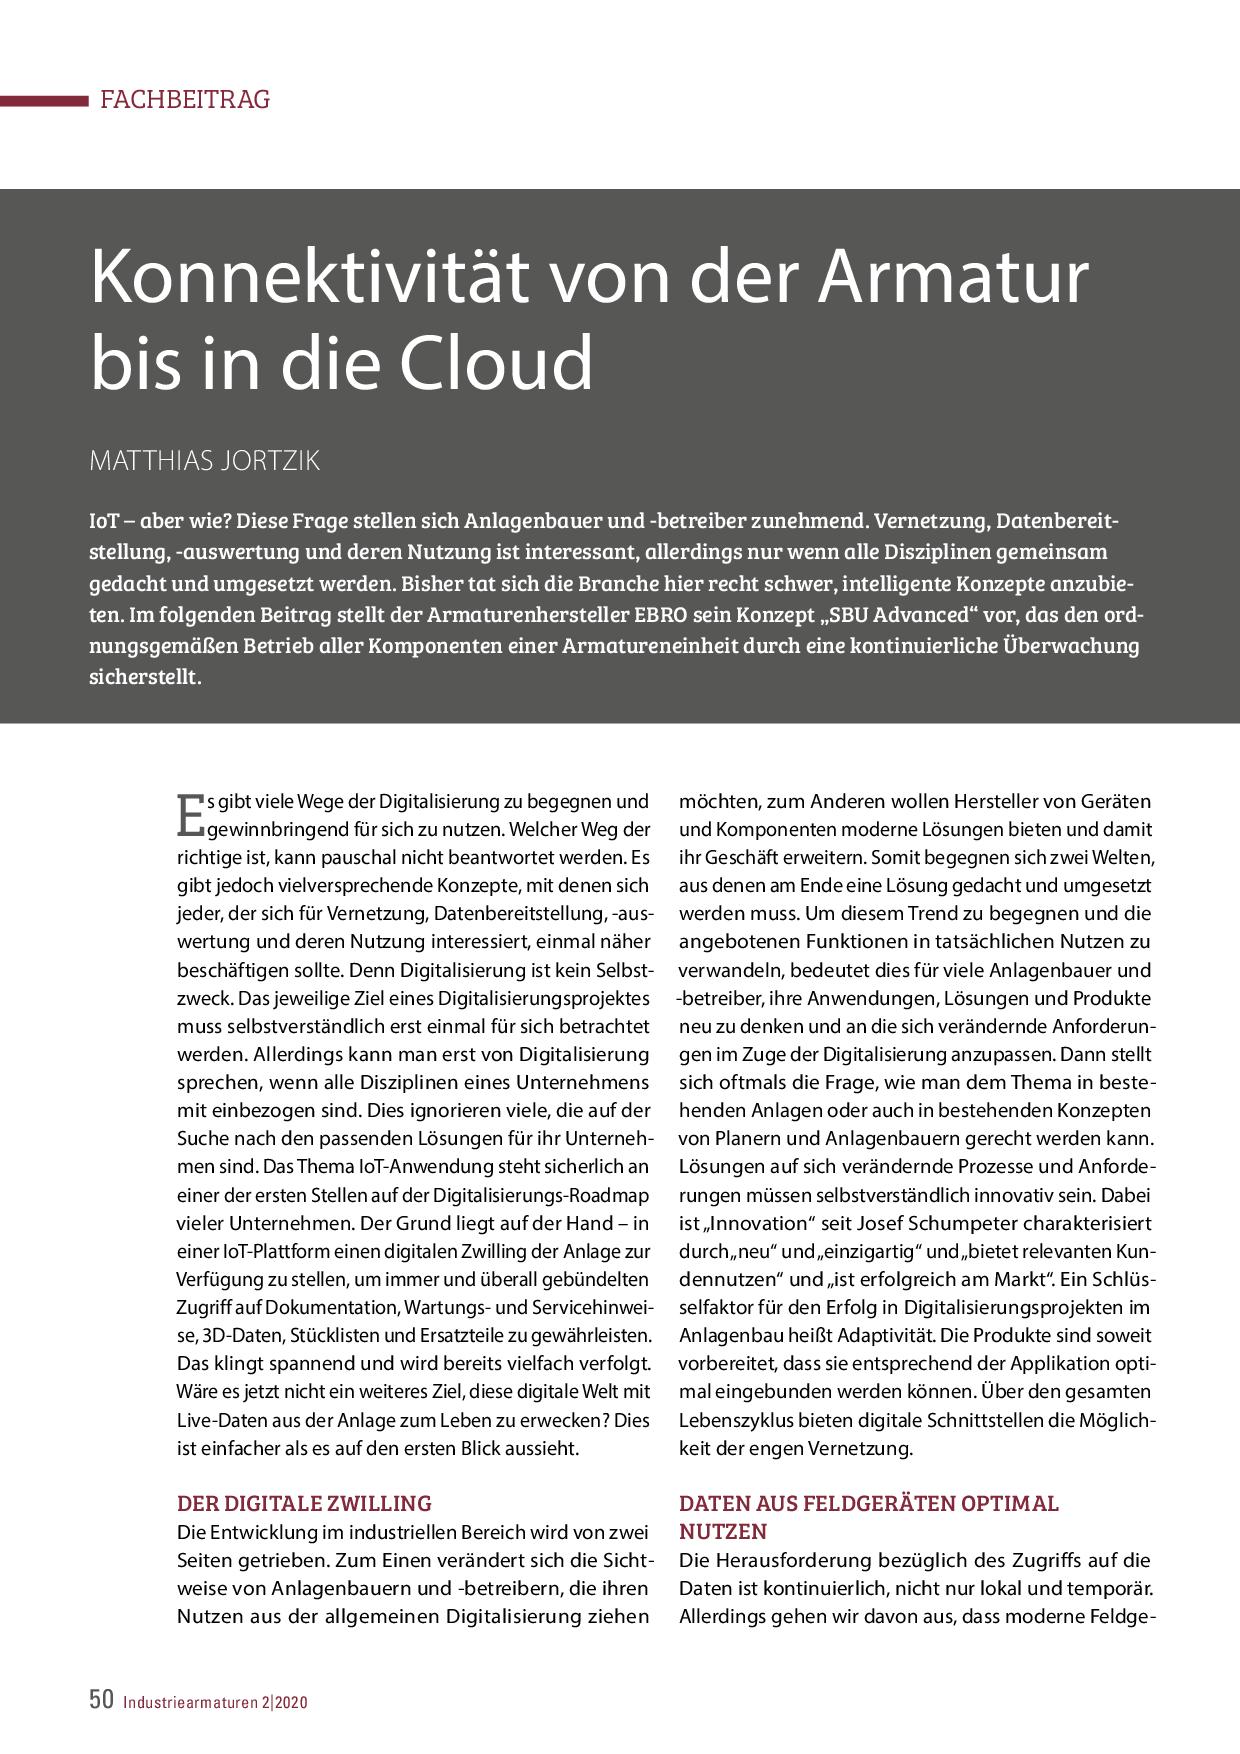 Konnektivität von der Armatur bis in die Cloud